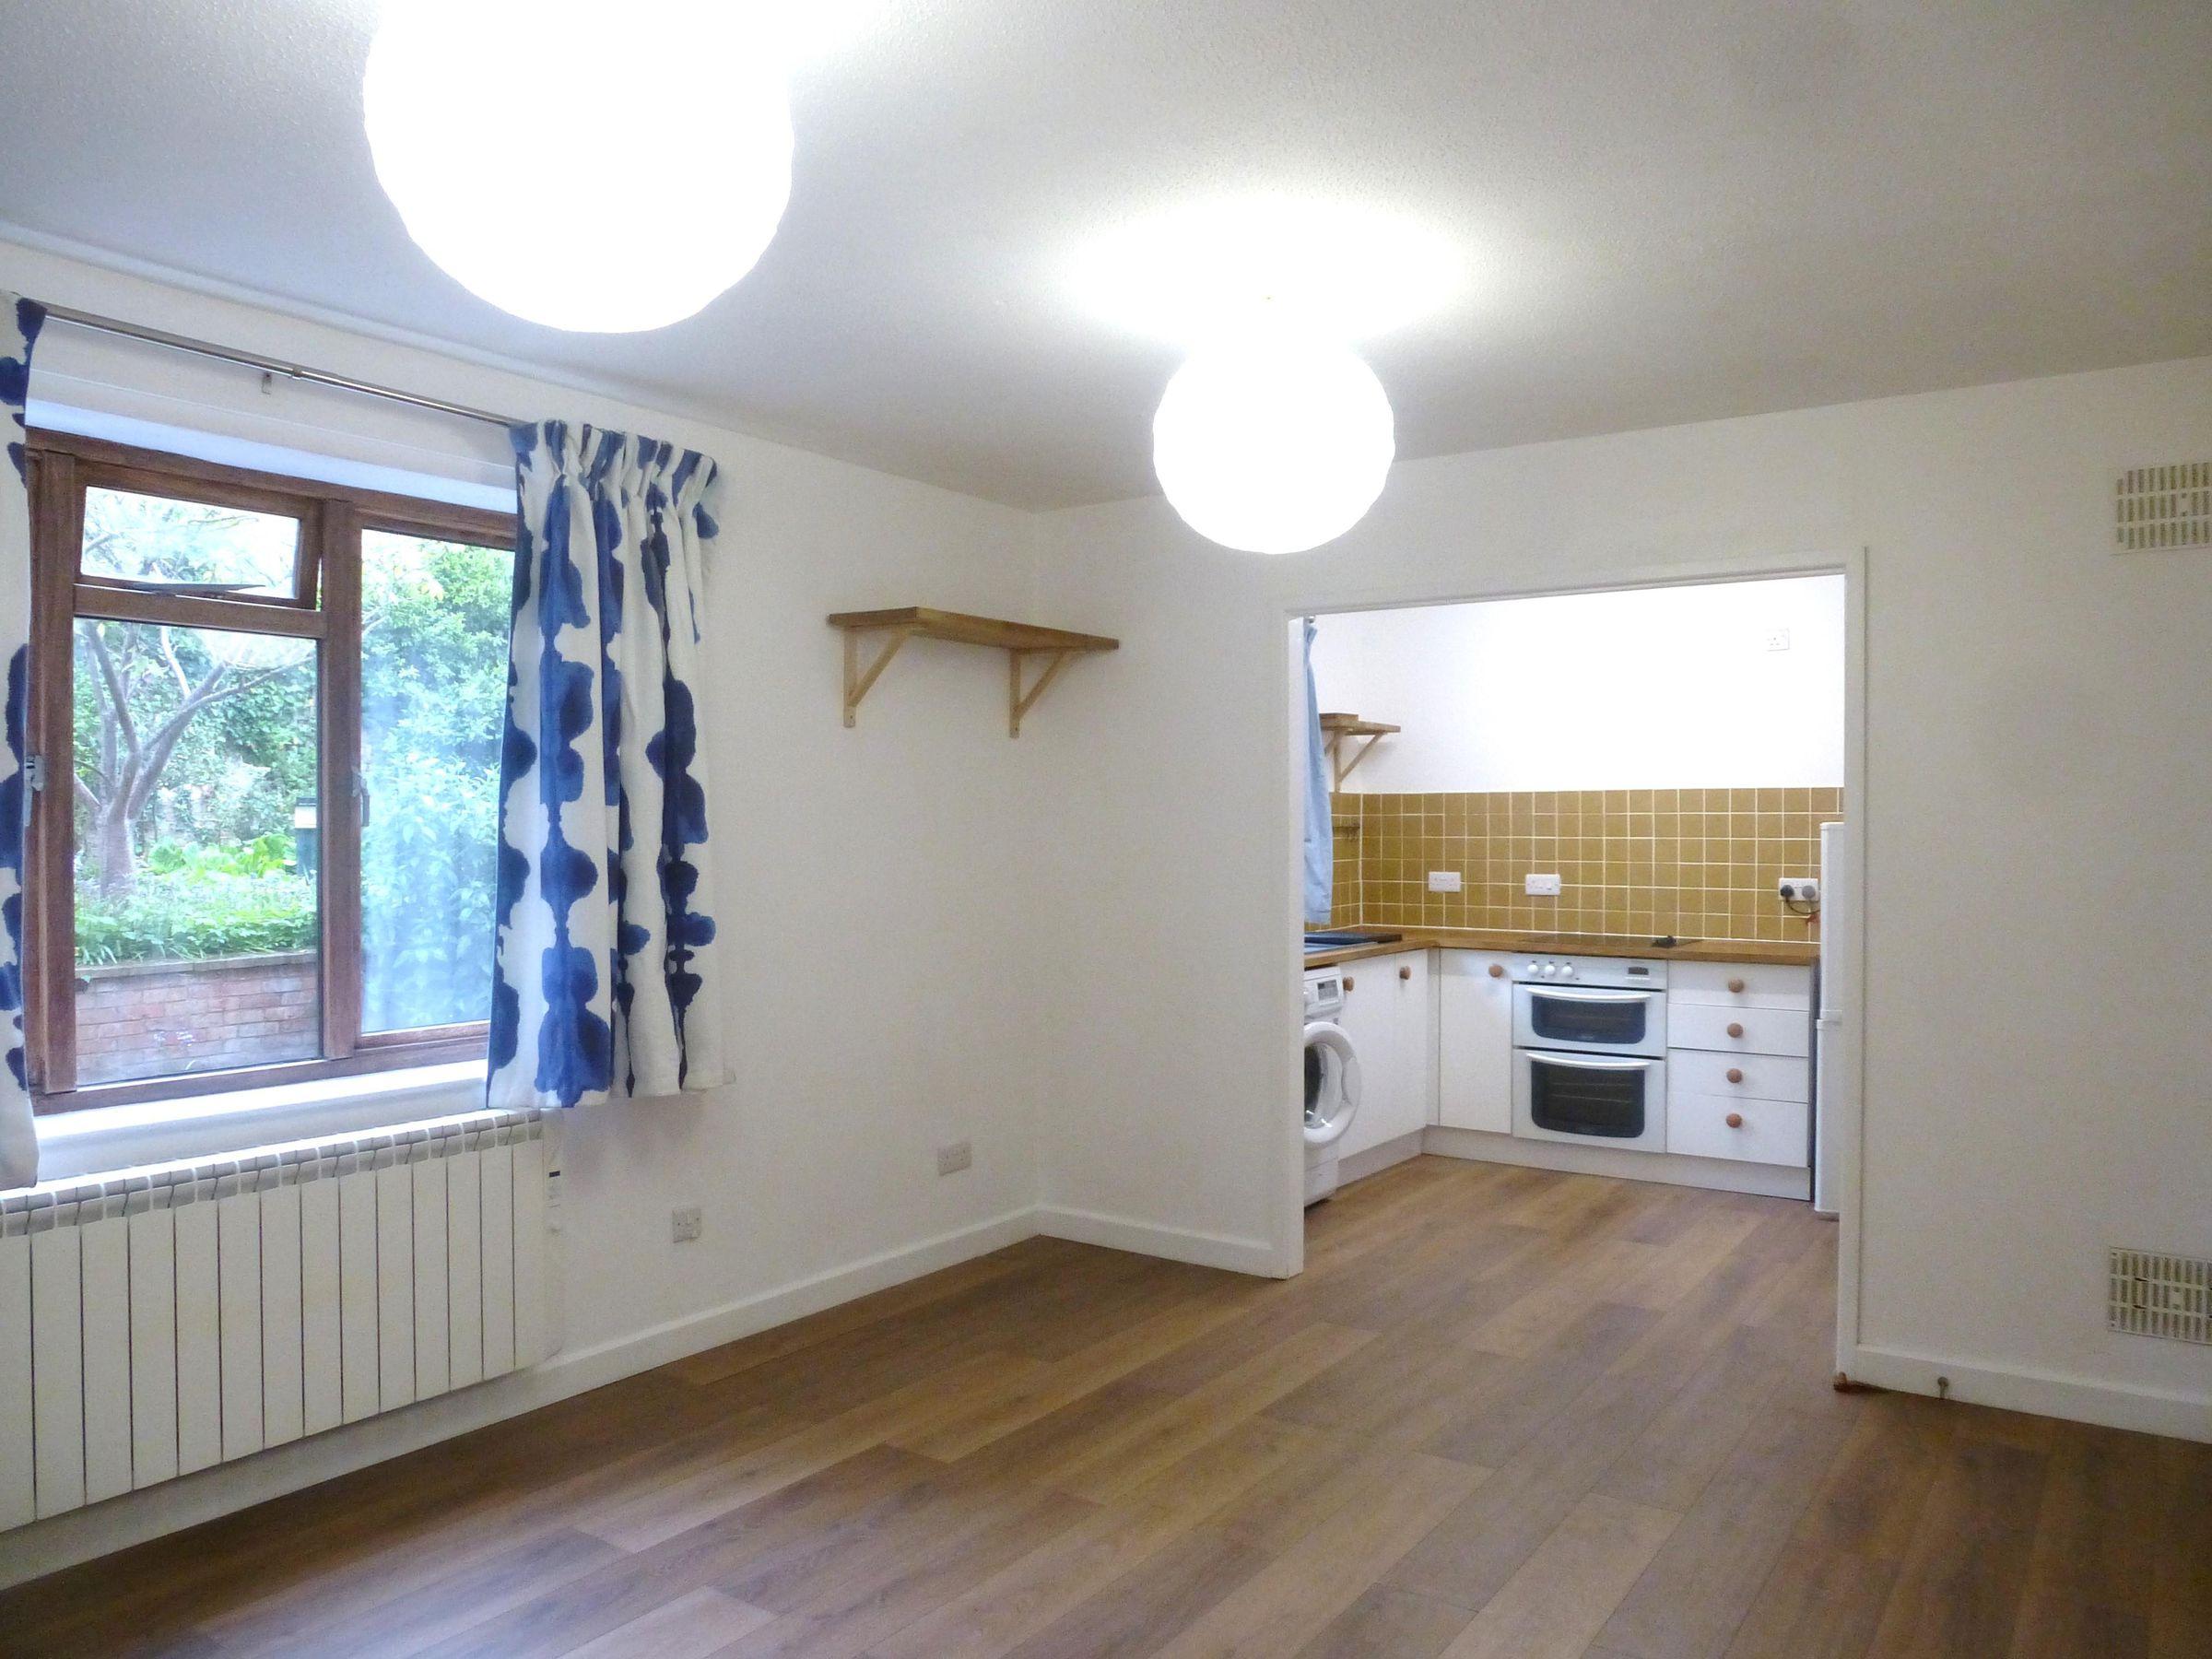 Property photo 1 of 8. Image